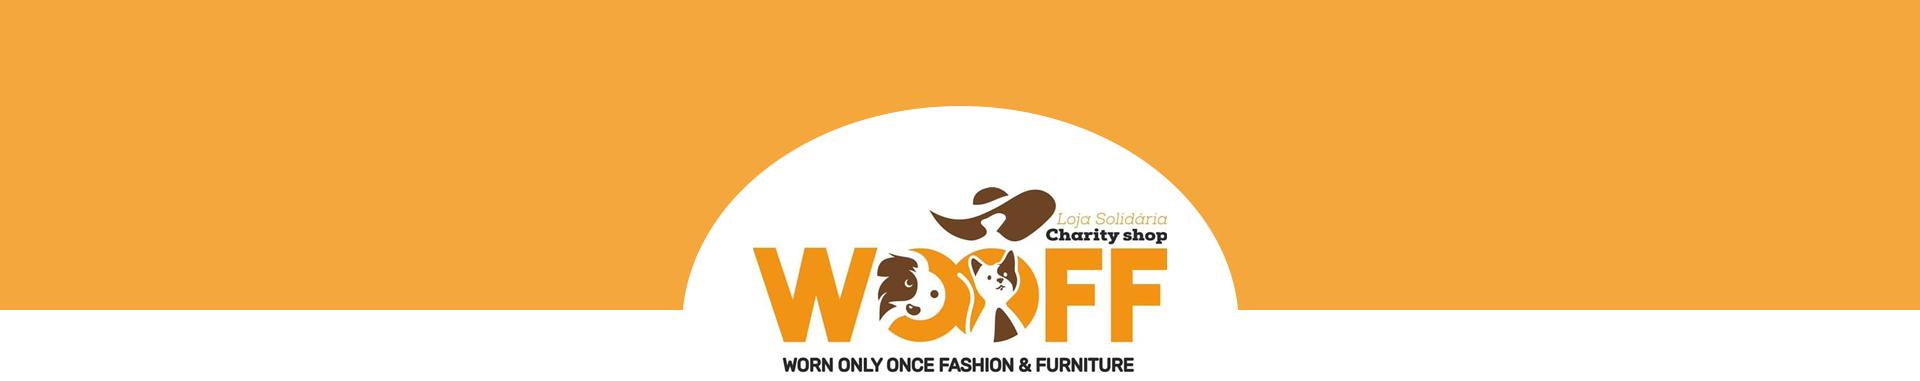 WOOFF Charity Shop-3